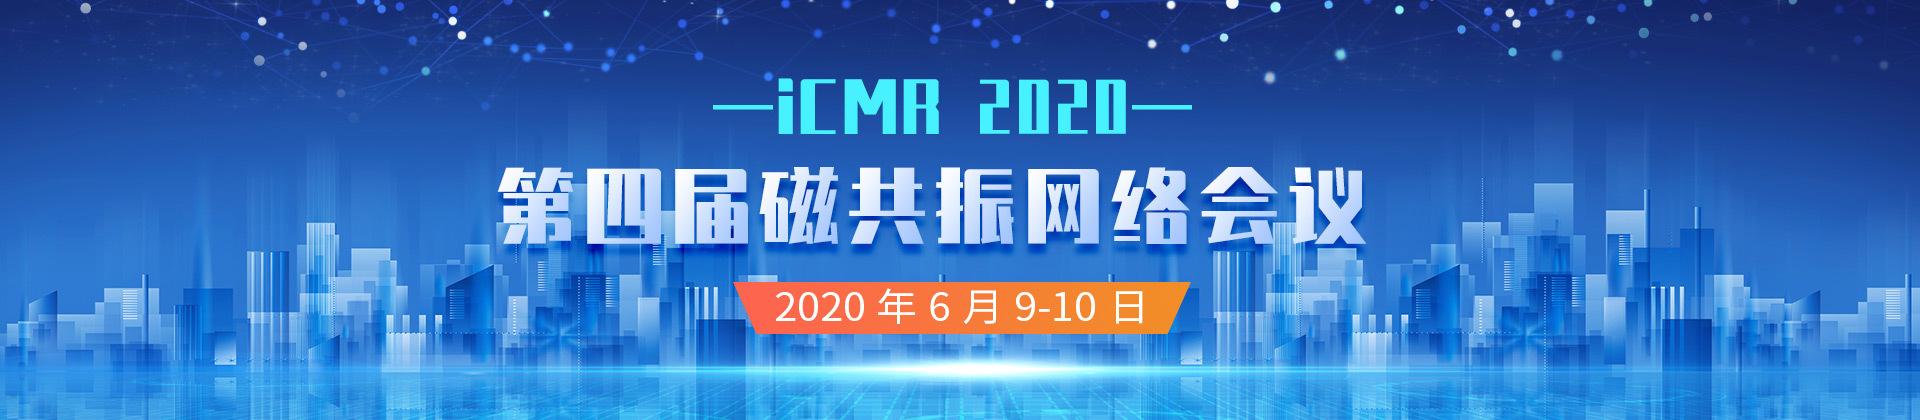 第四届核磁共振网络会议(6月10日)